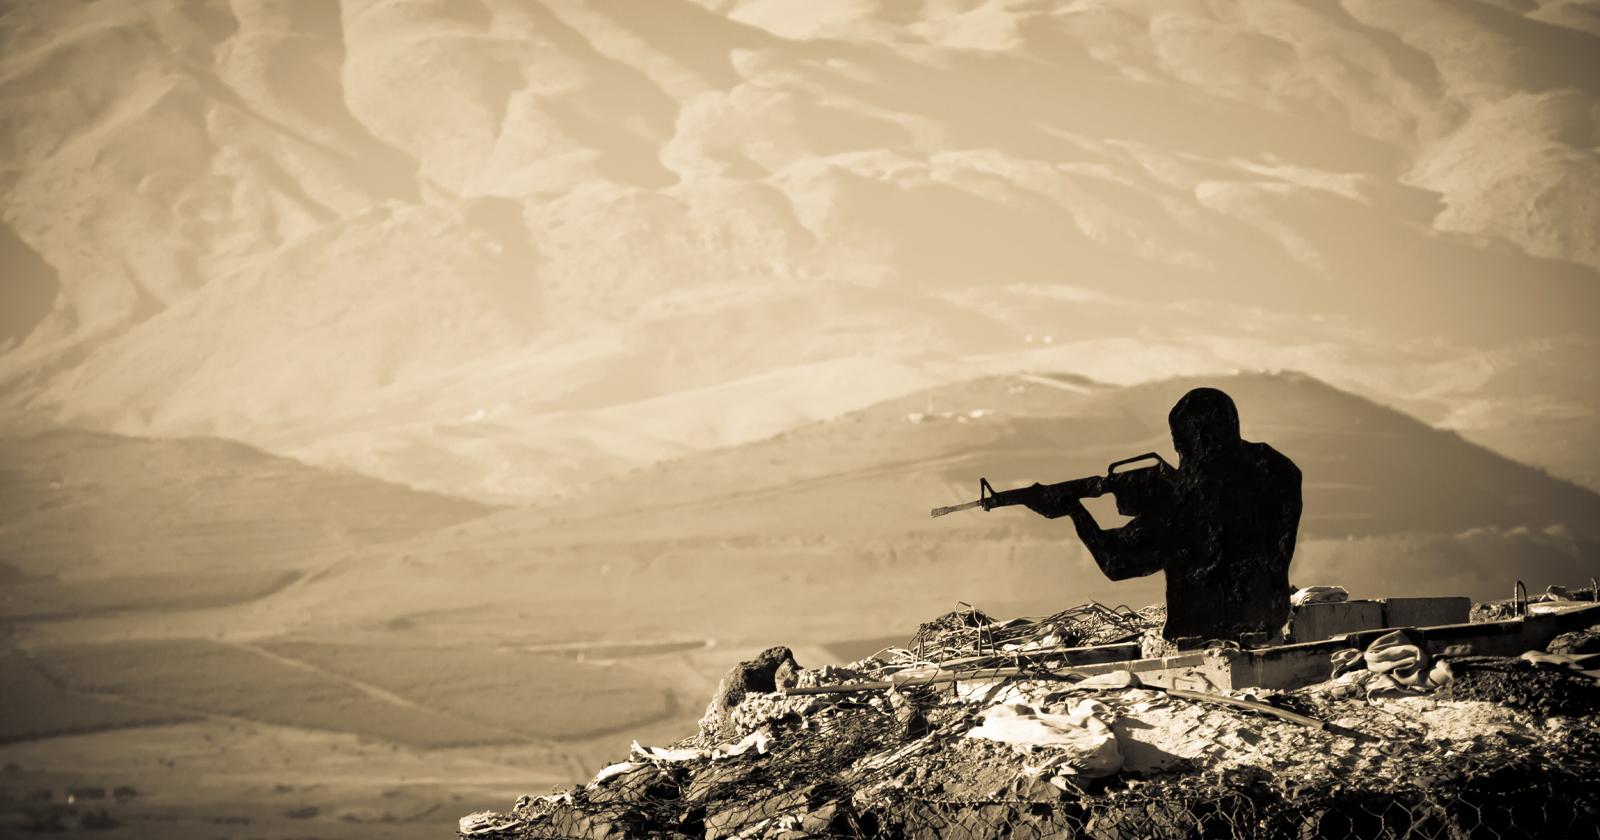 Il fotoreporter condivide la sua esperienza nel documentare la guerra all'ISIS